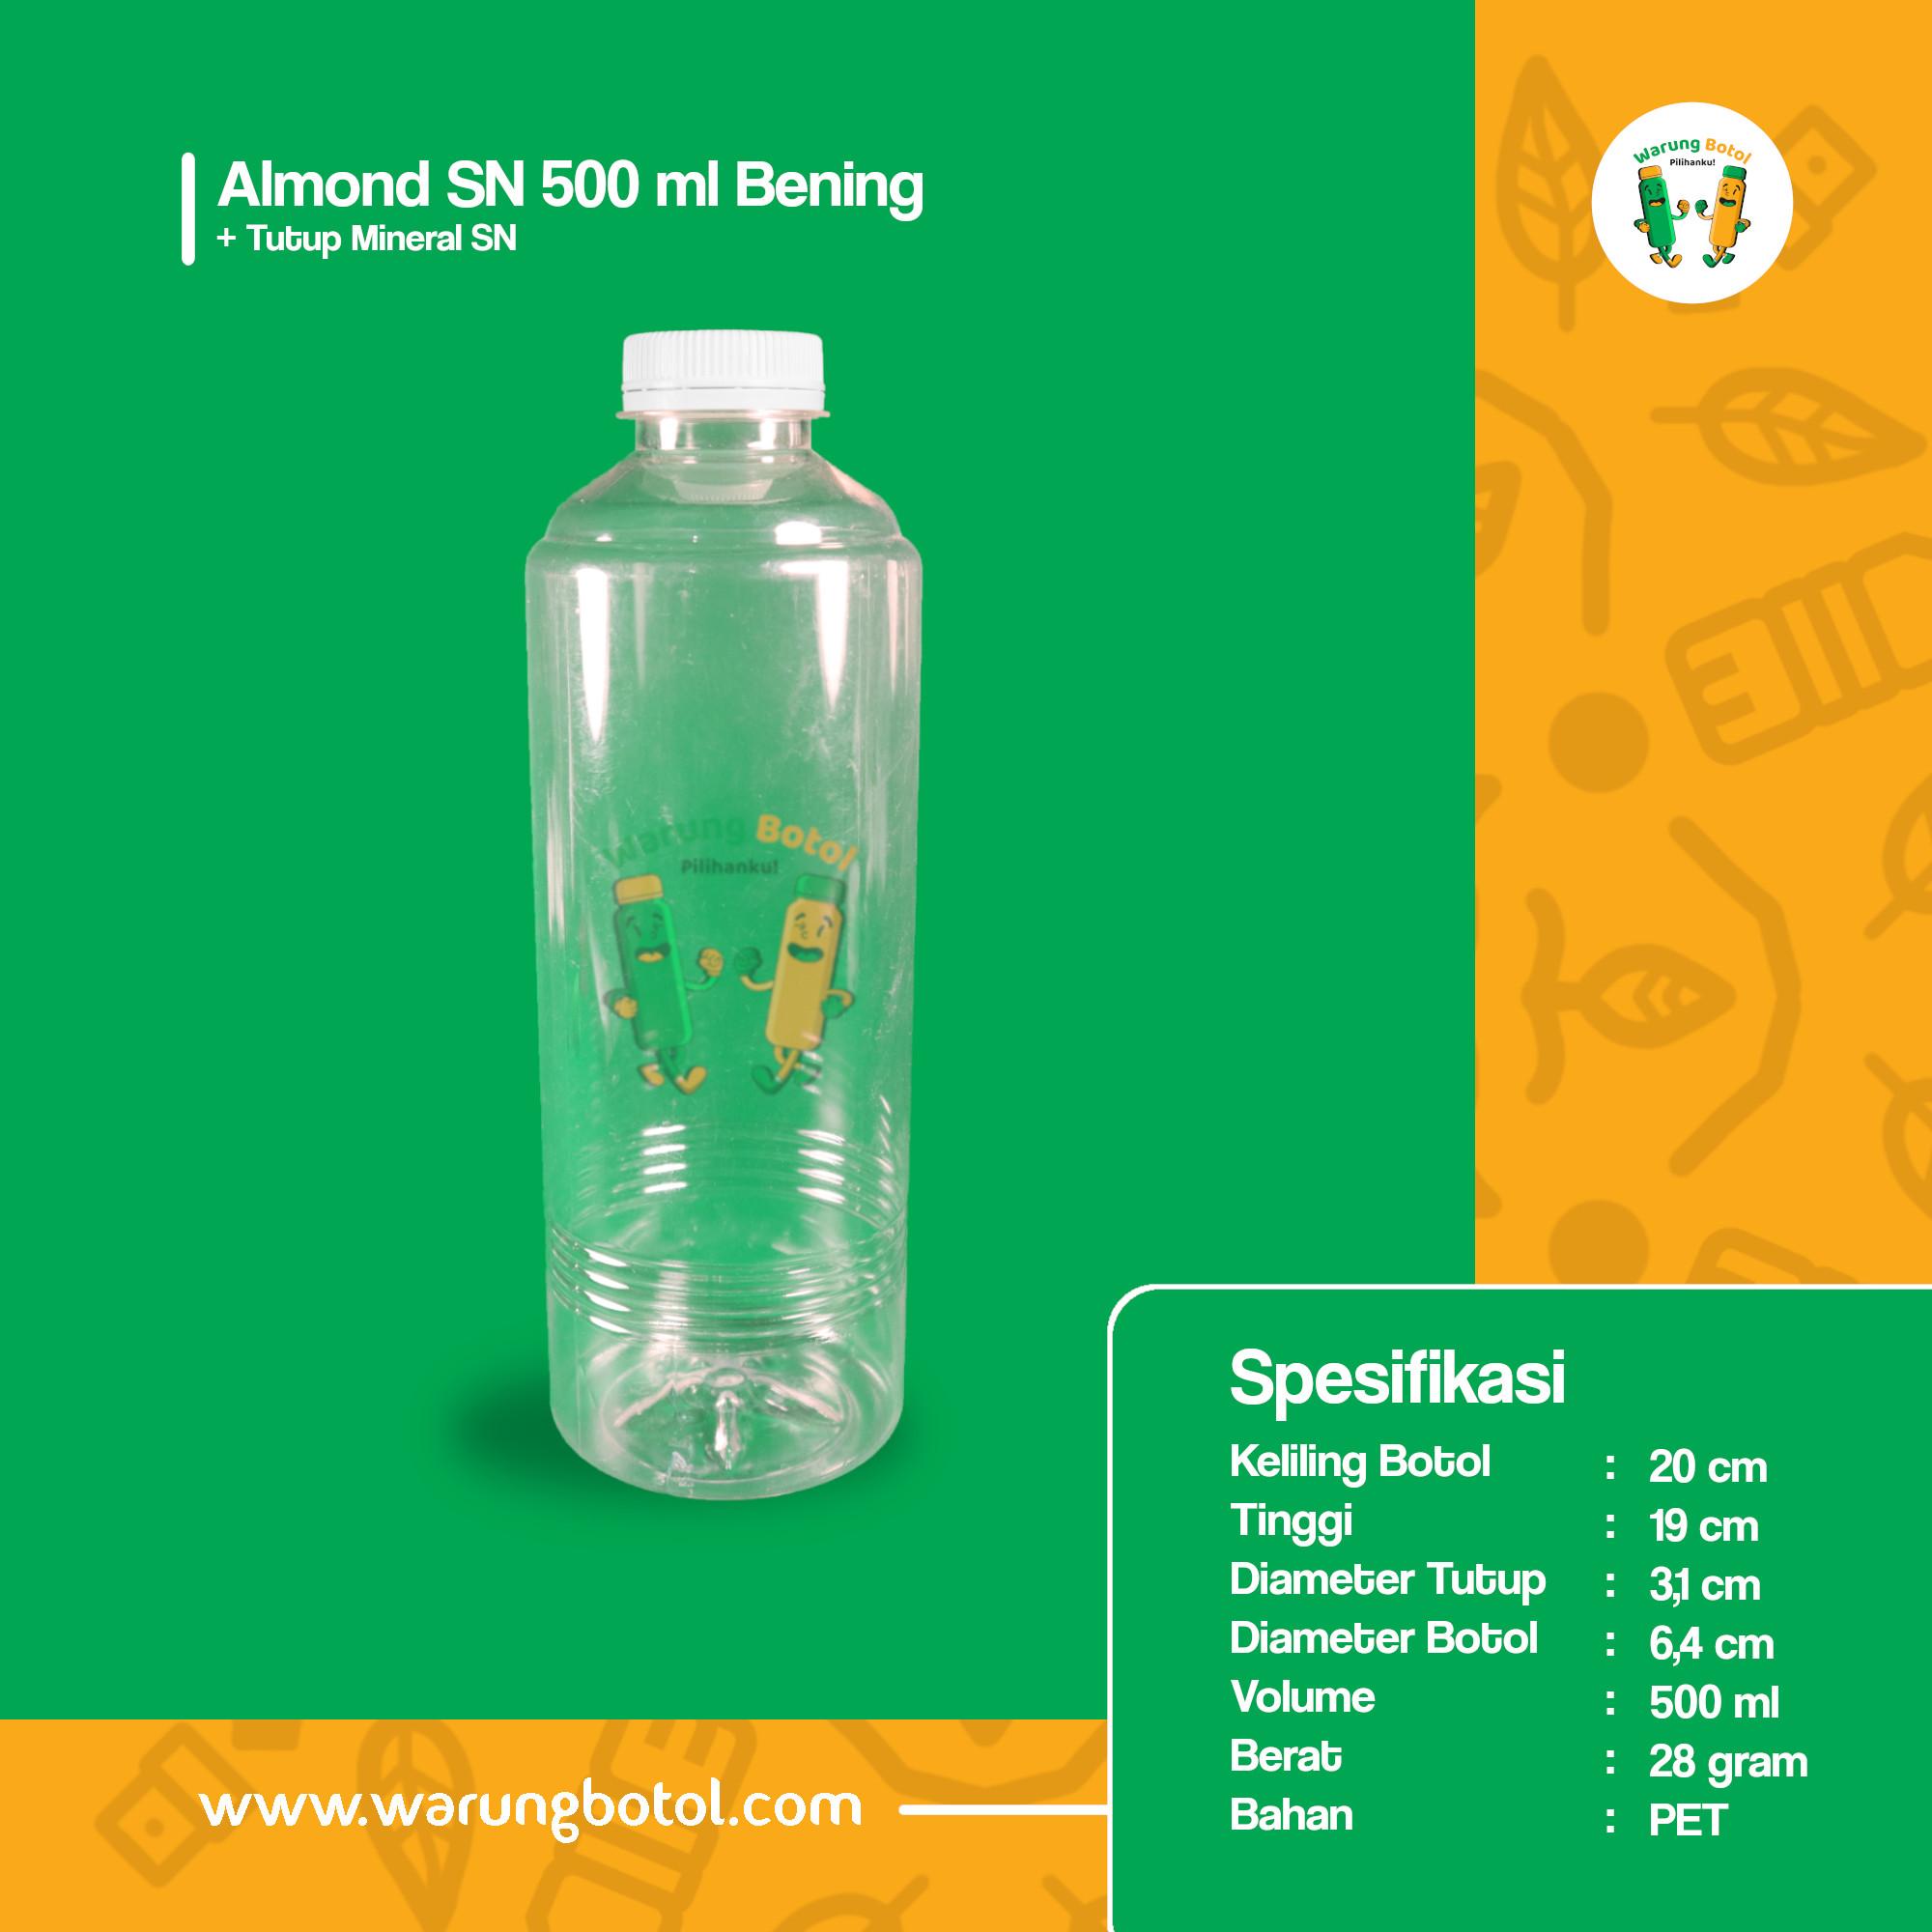 distributor toko jual botol plastik almond kale 500ml murah terdekat di bandung jakarta bekasi bogor